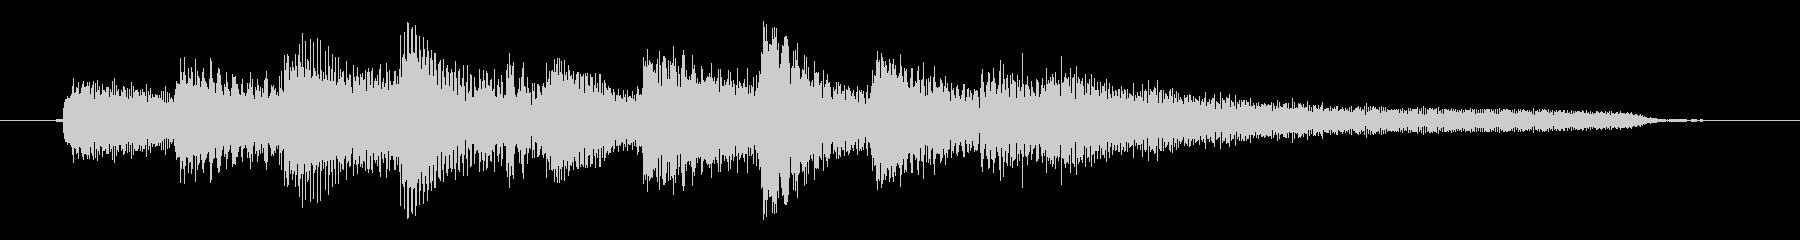 チャプター・場面転換等にピアノジングルBの未再生の波形